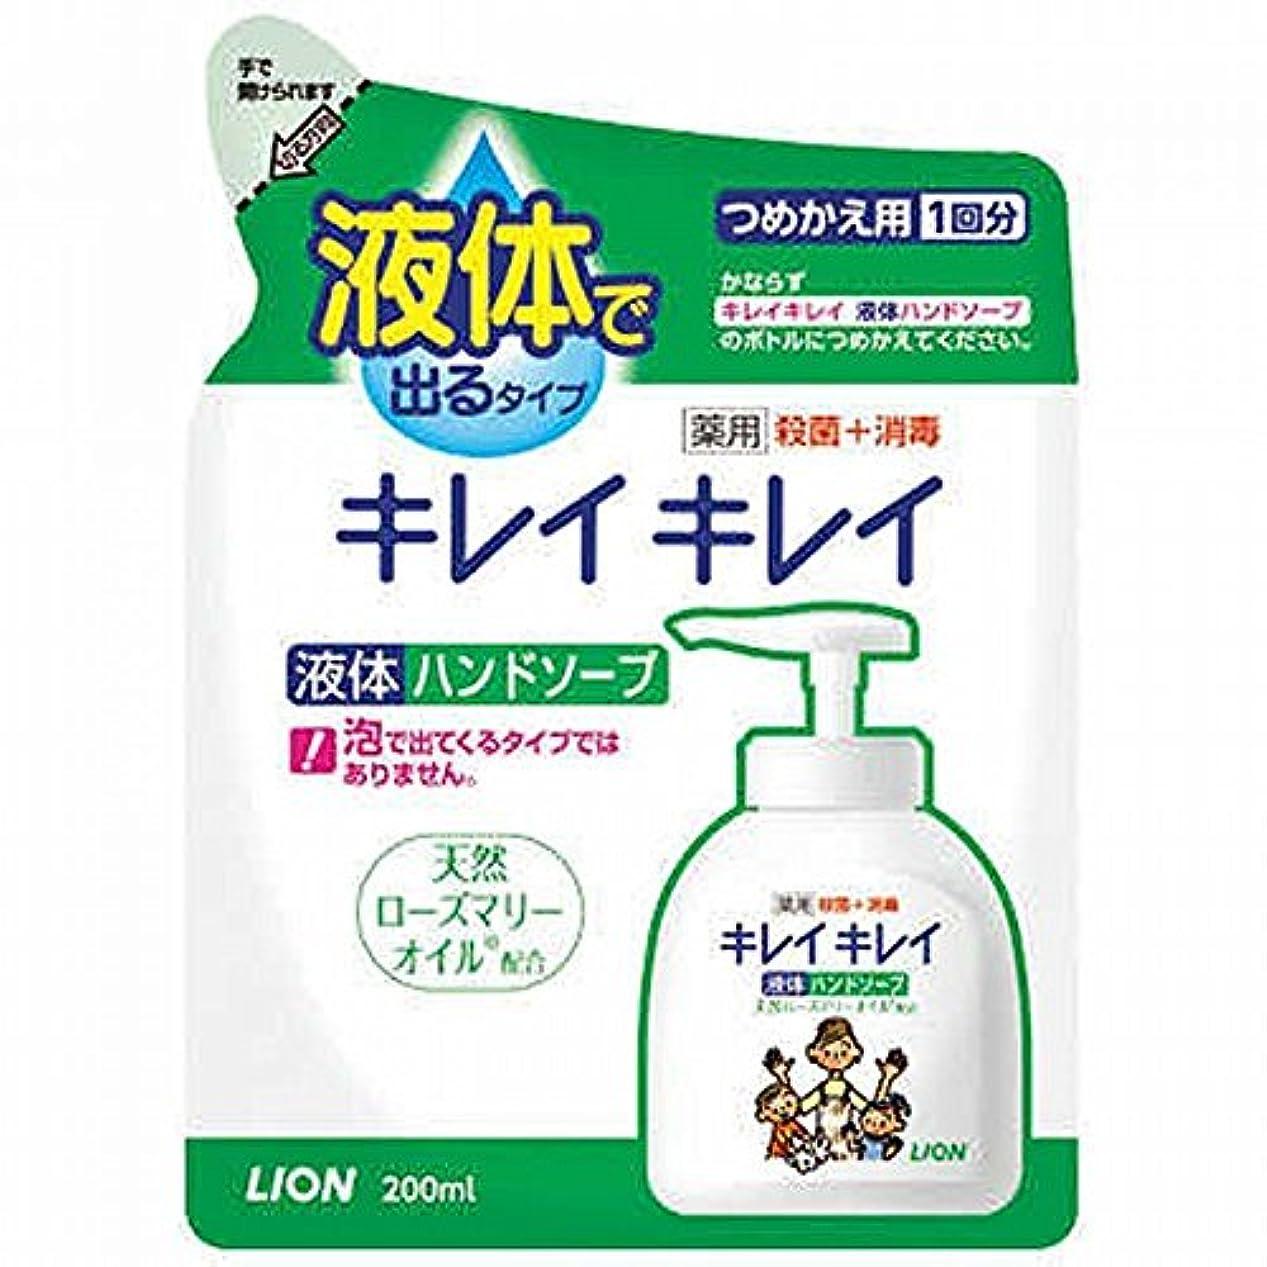 福祉明確な滞在キレイキレイ 薬用液体ハンドソープ  詰替用 200ml ×20個セット